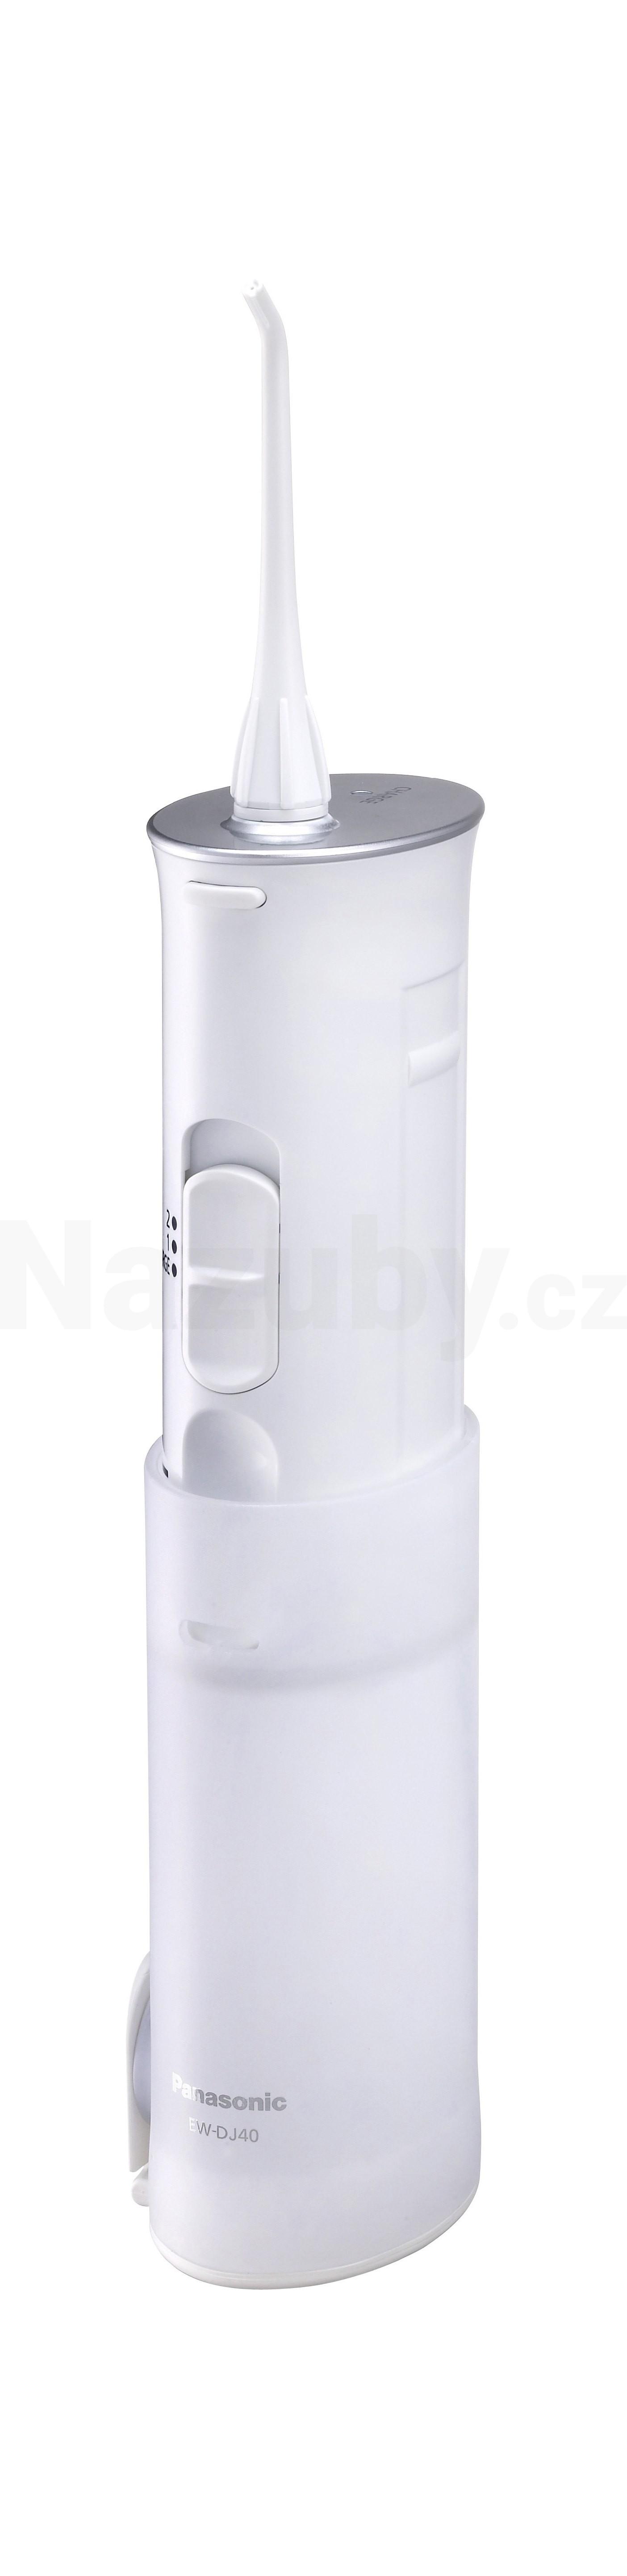 Panasonic EW-DJ40-W503 kompaktní ústní sprcha - akce 100 dní na vrácení zboží